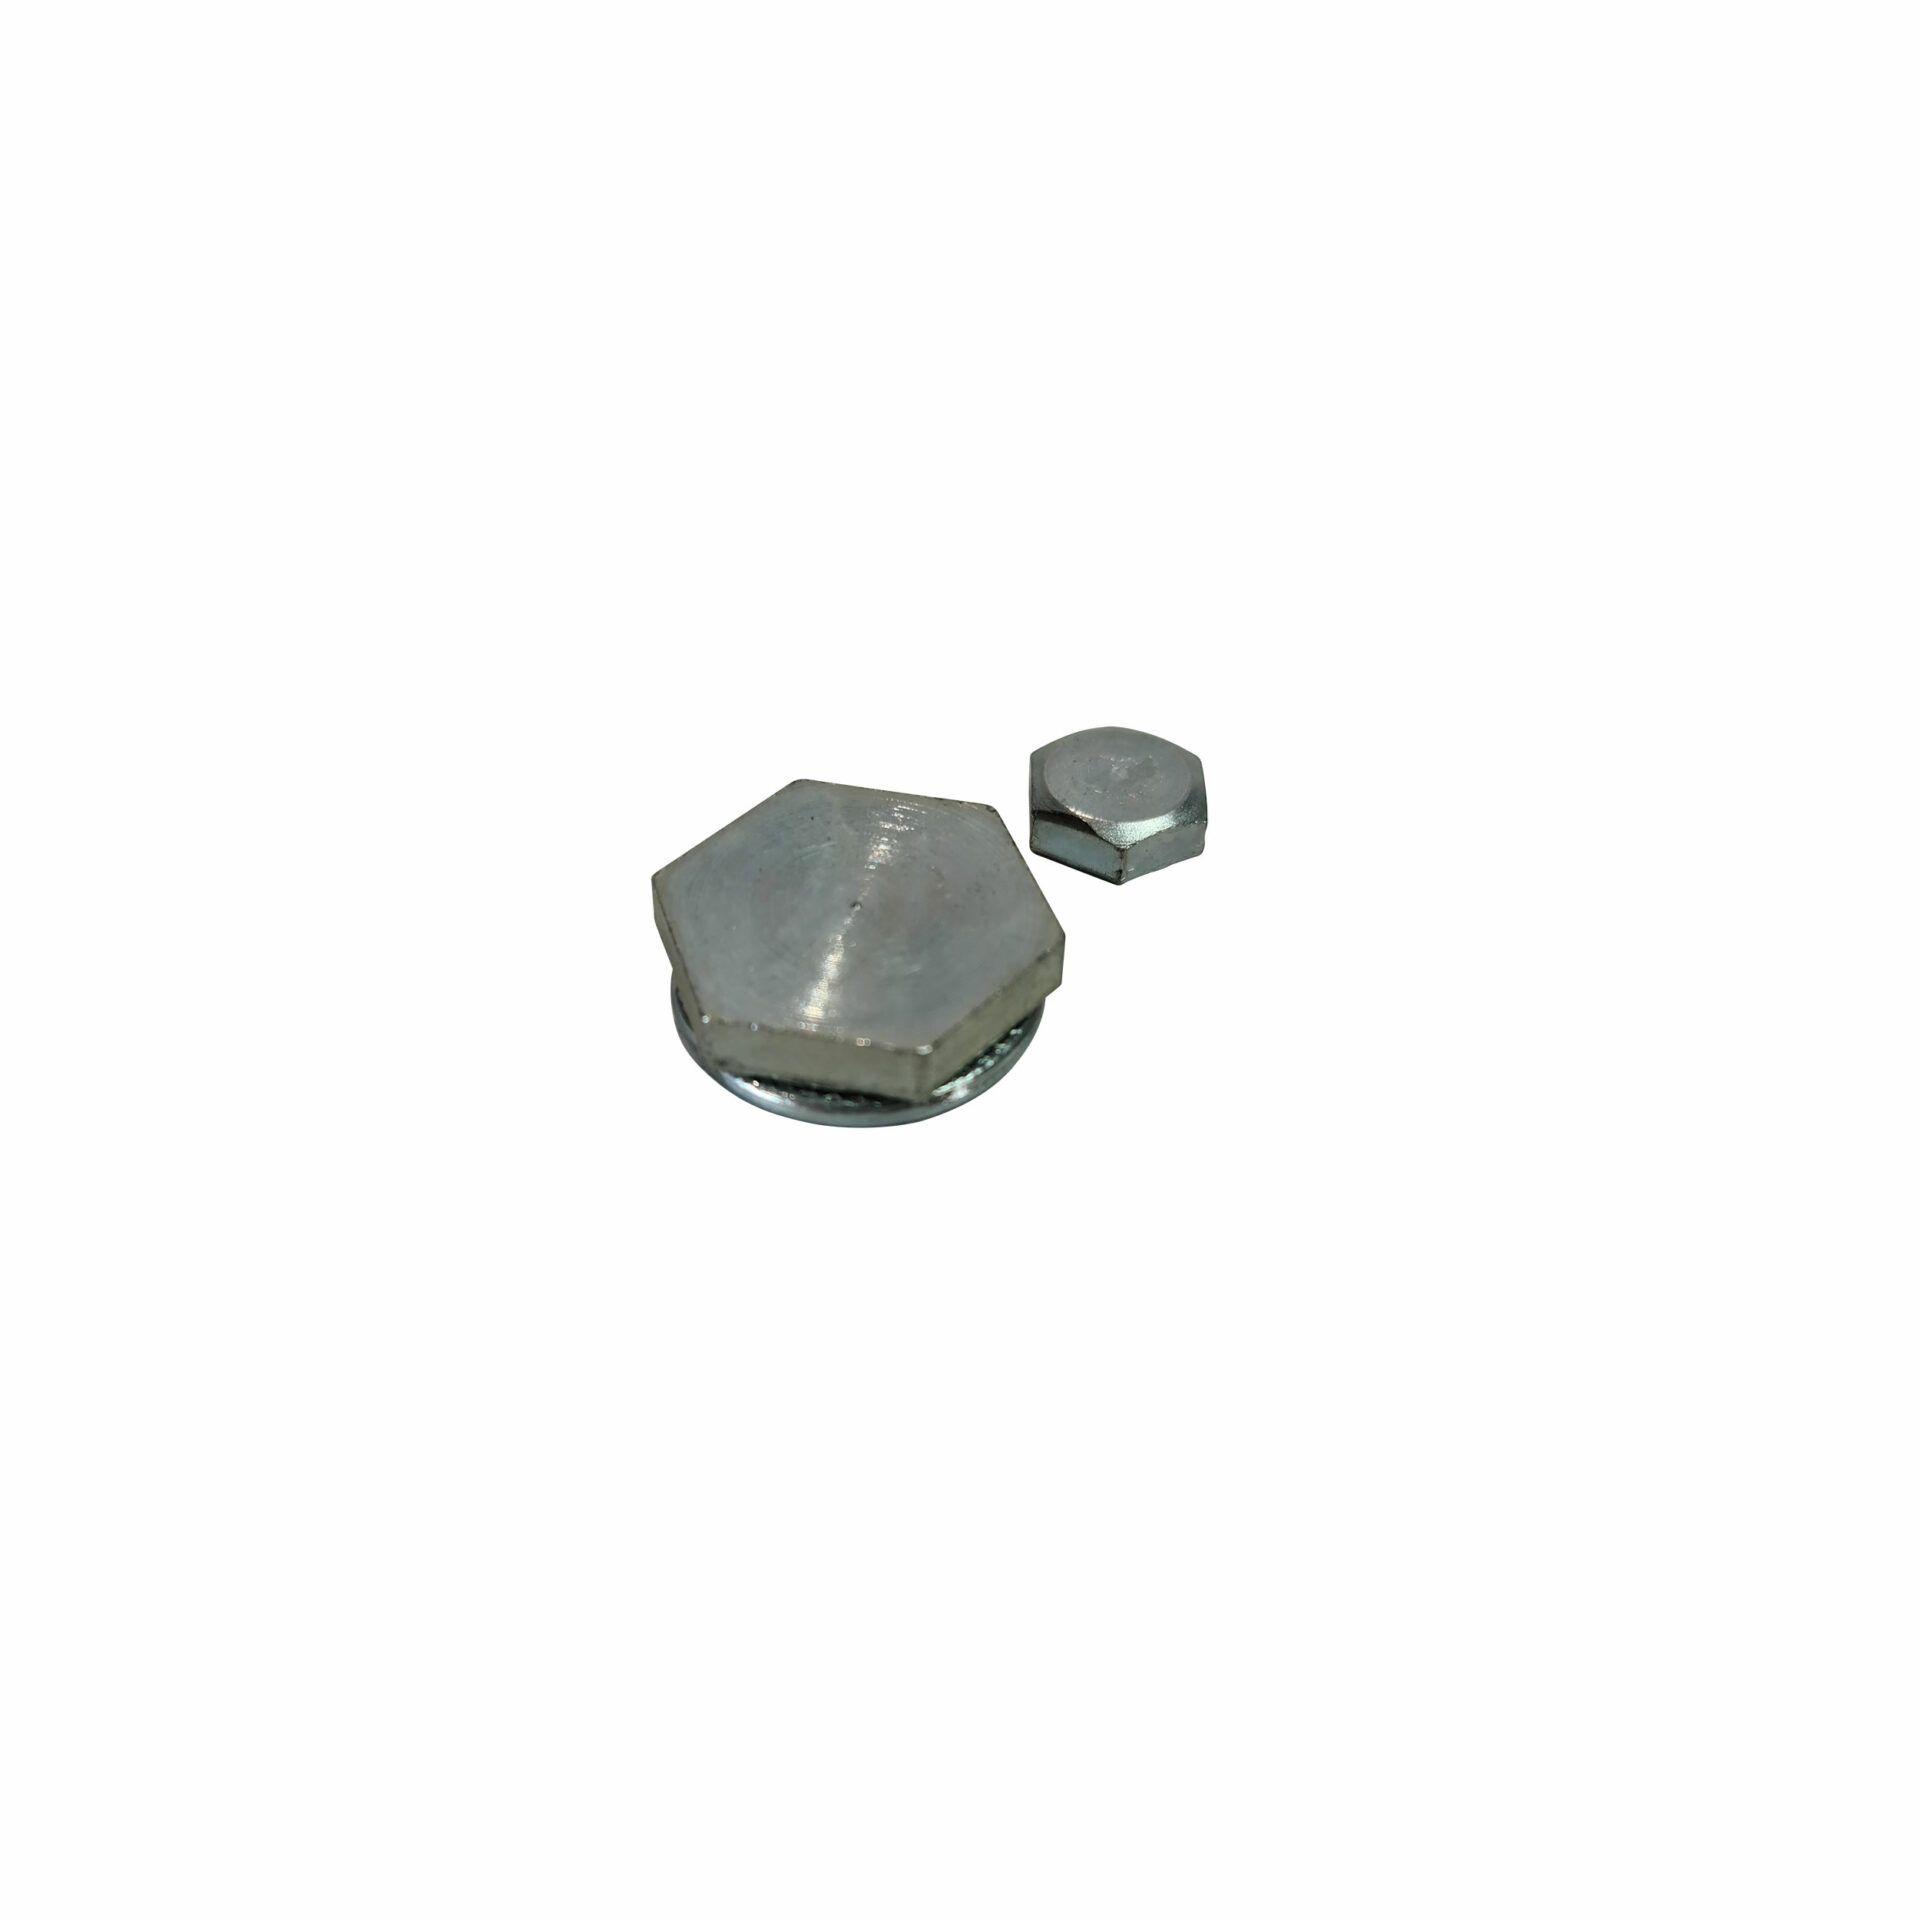 calais table base.bolts a